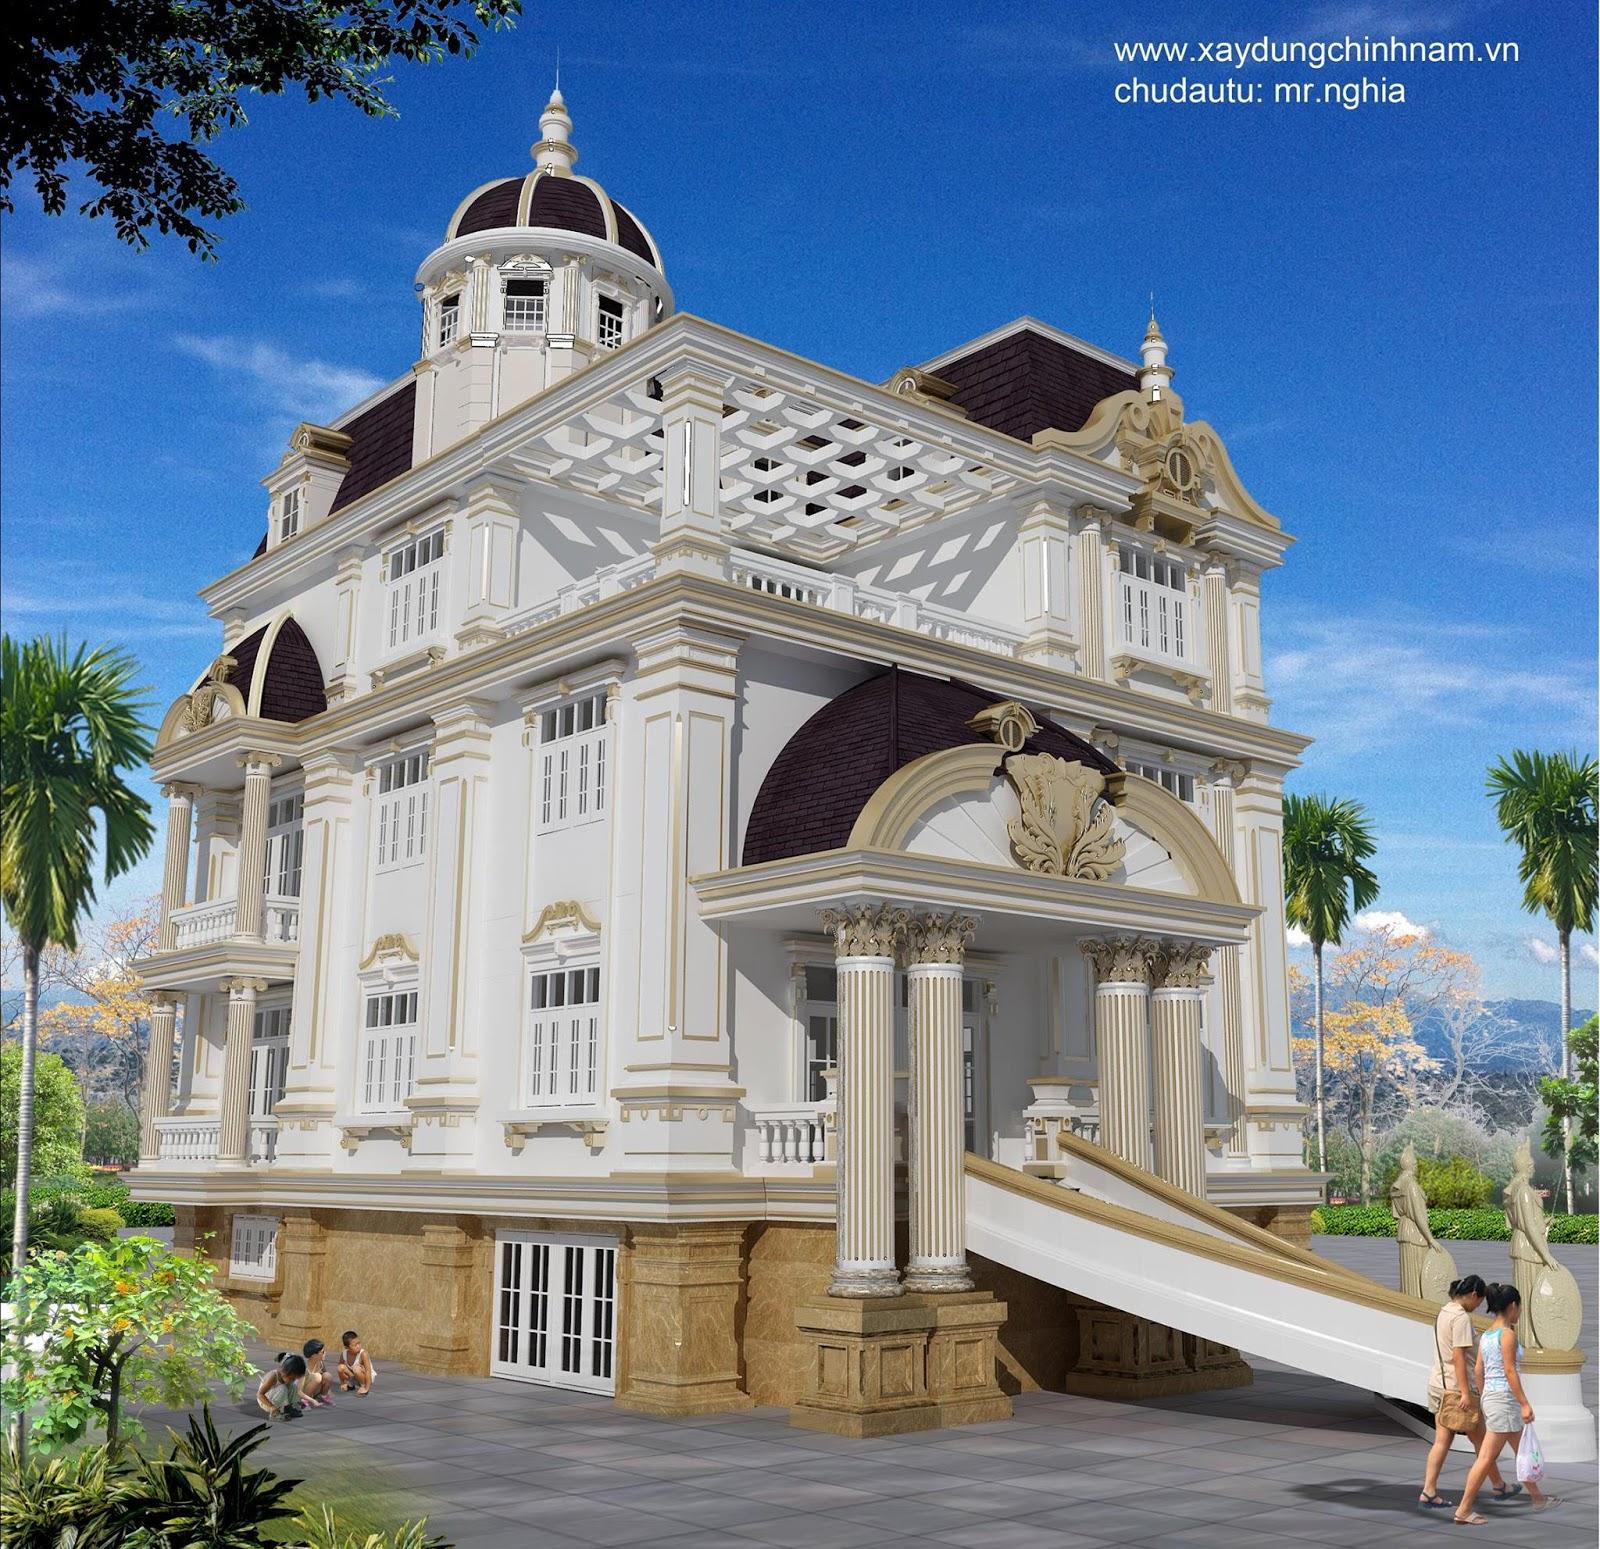 Thiết kế biệt thự nhà anh Nghĩa - Biên Hòa, Đồng Nai